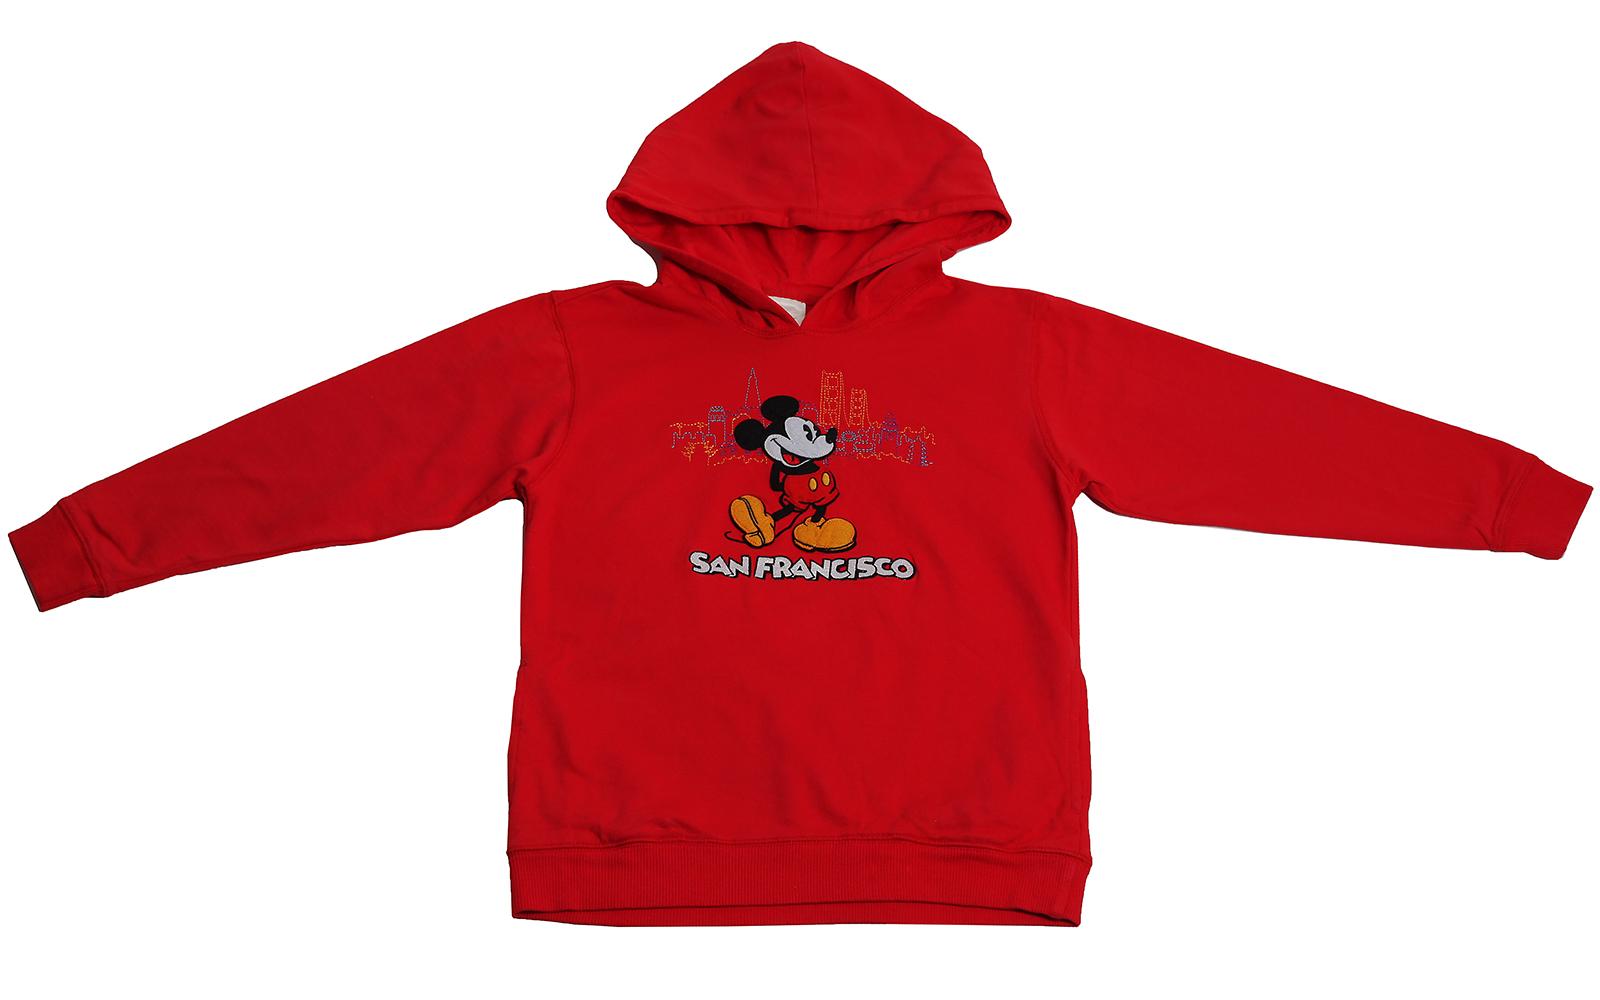 Худи Disney с Микки-Маусом. Жизнерадостный цвет, модный и удобный дизайн